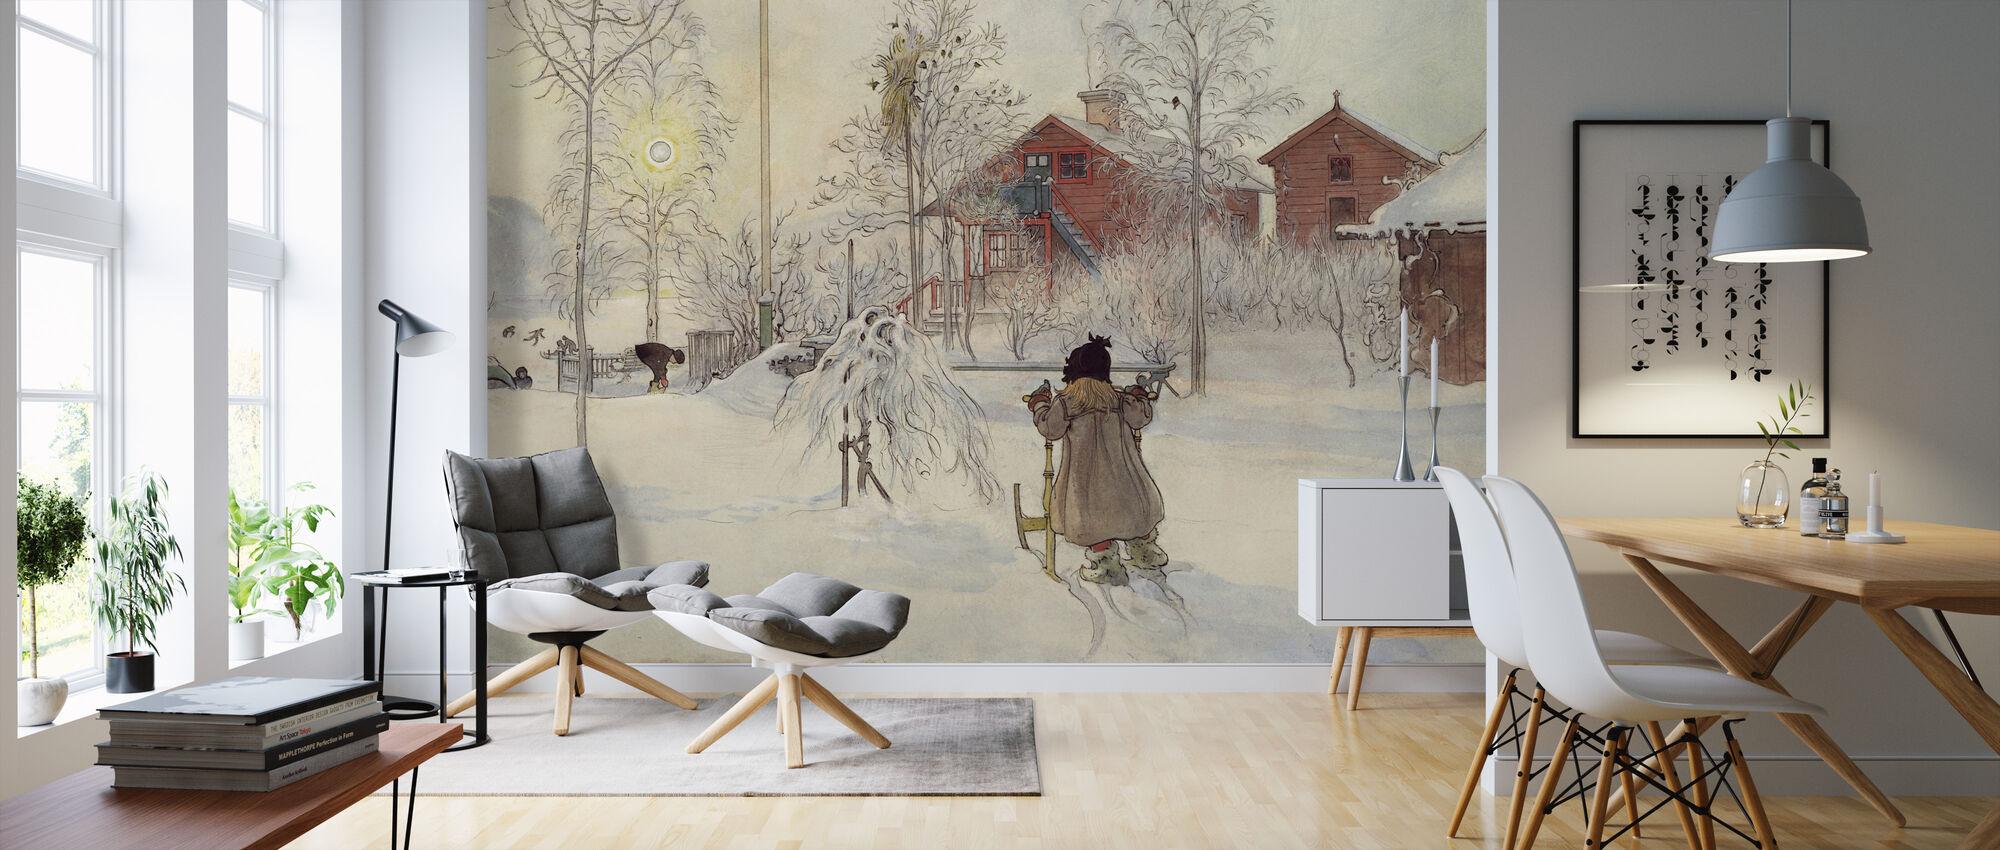 Carl Larsson - Tuin en Brugse Huis - Behang - Woonkamer